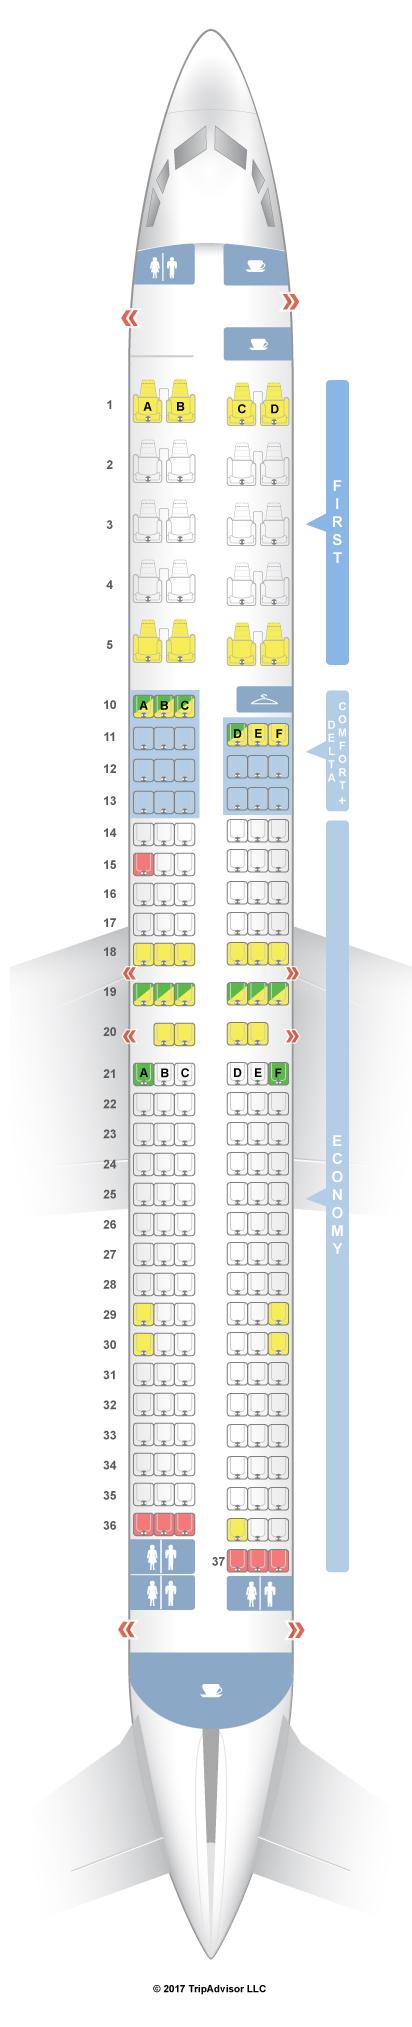 Seatguru Seat Map Delta Boeing 737 900er 739